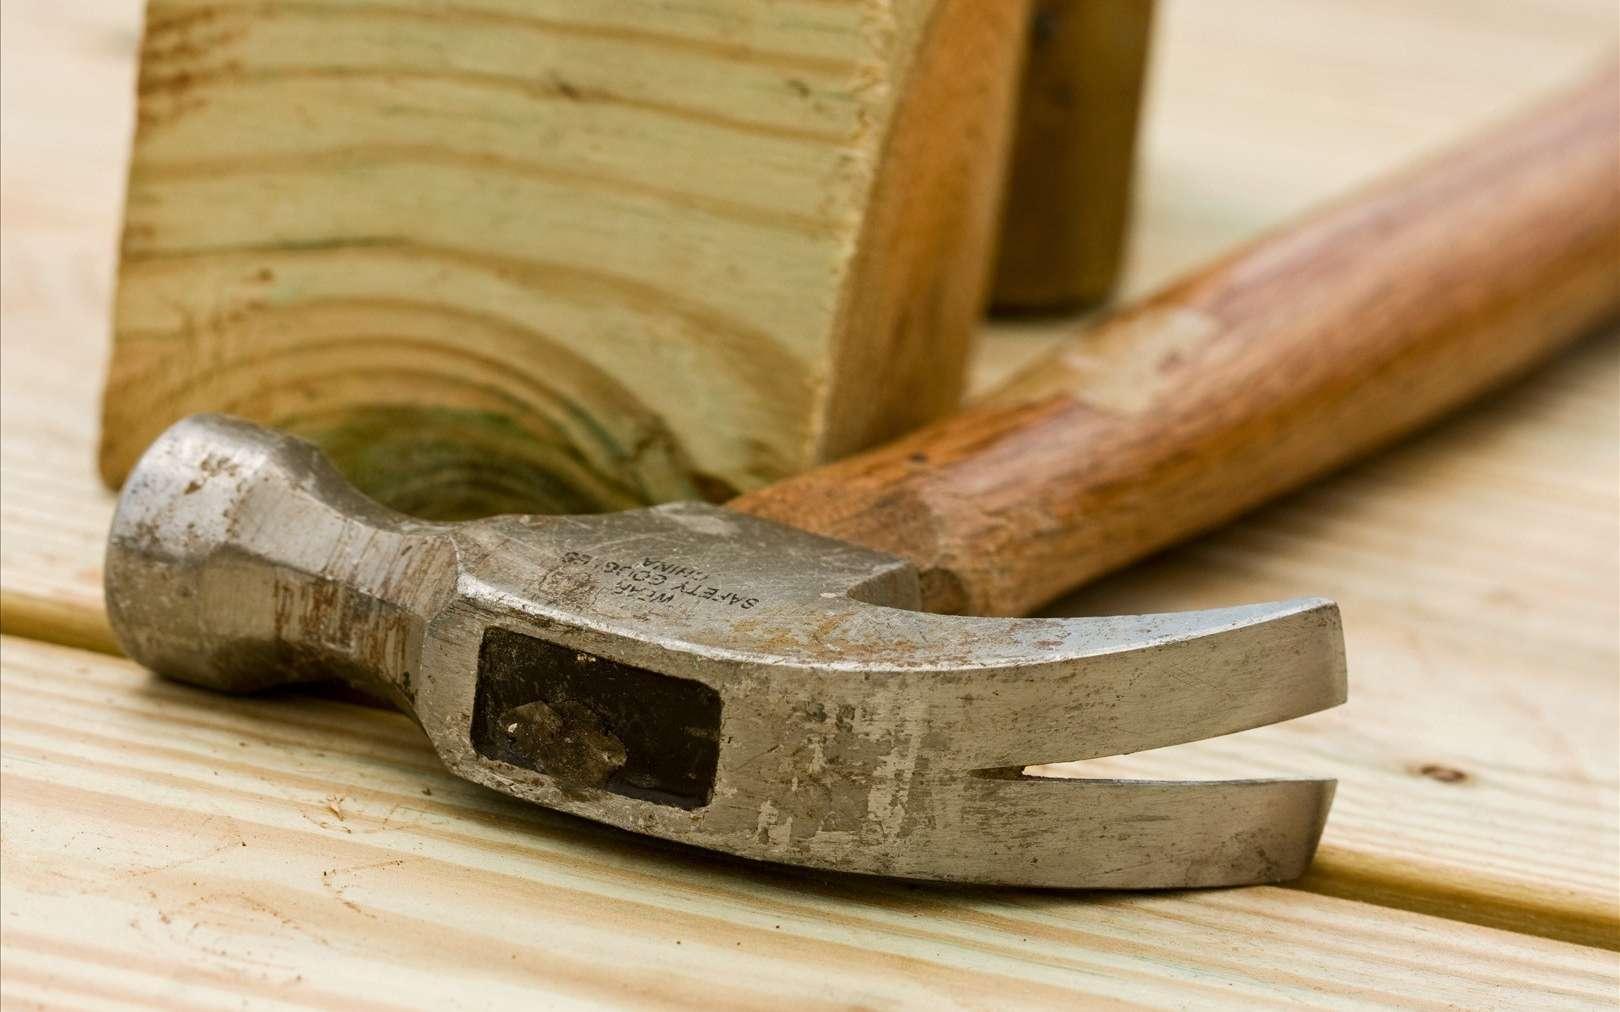 Construire Terrasse En Bois comment construire une terrasse en bois ?